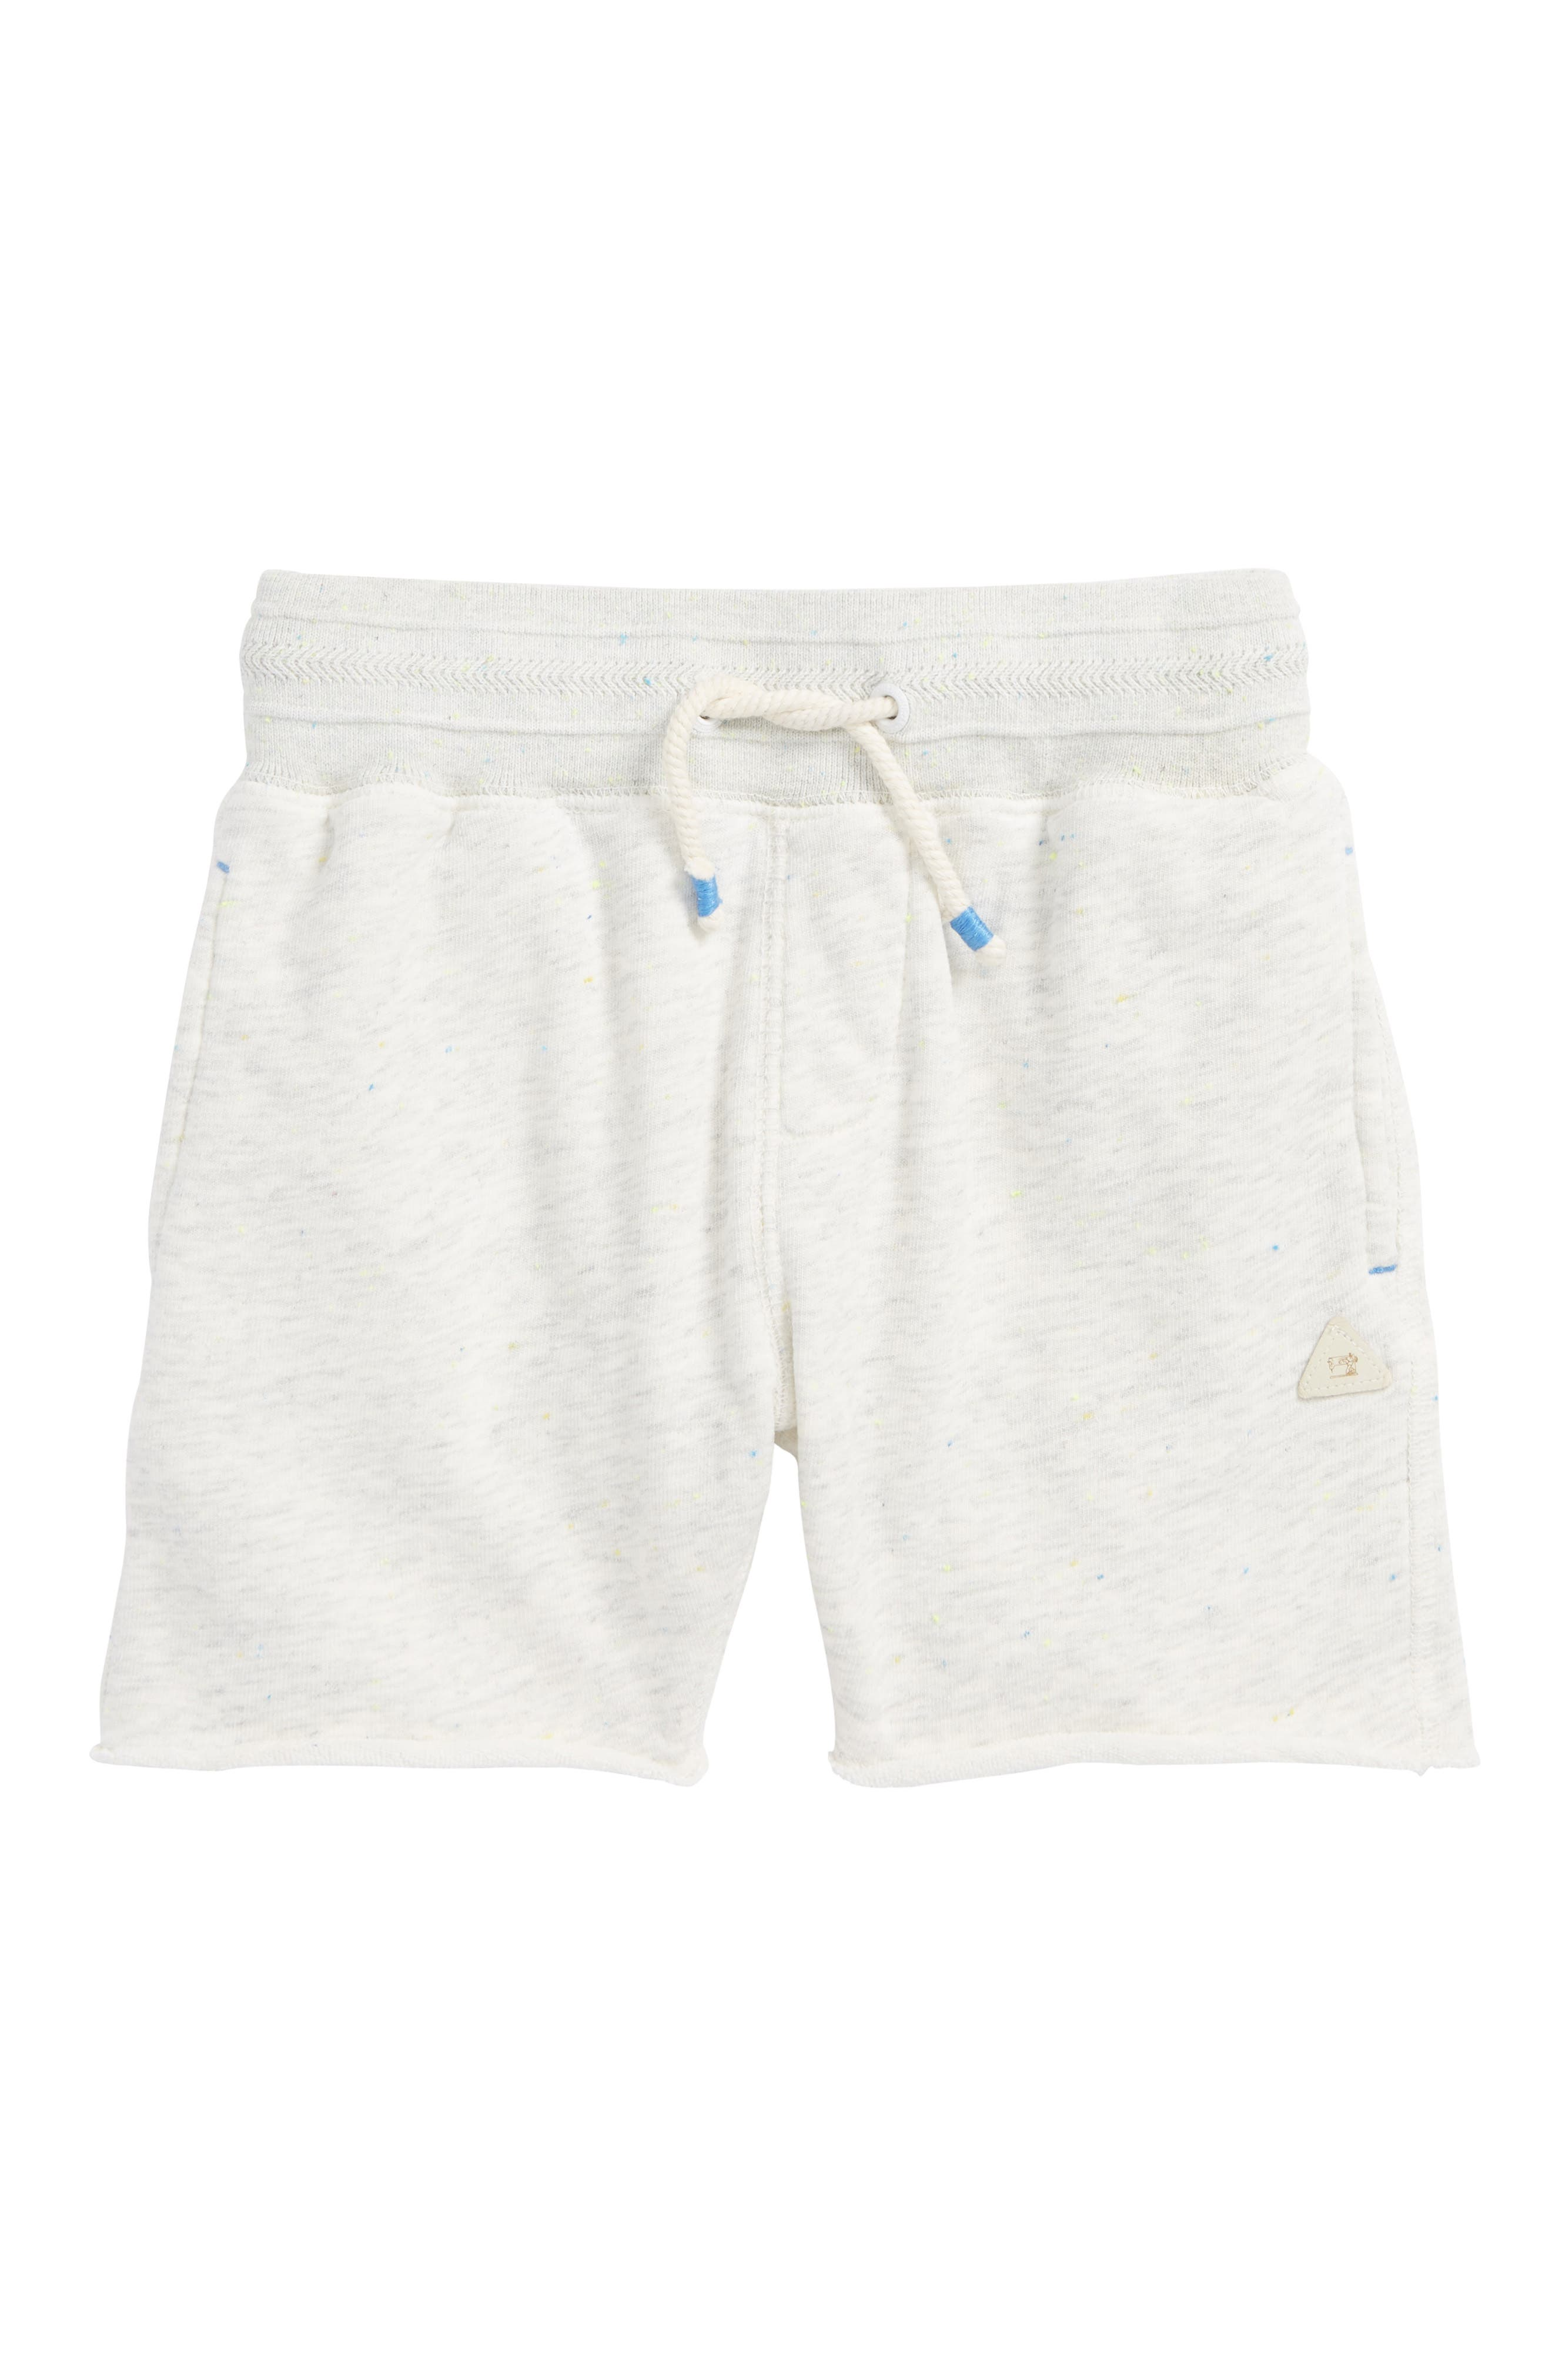 Scotch Shrunk Pool Side Knit Shorts (Little Boys & Big Boys)